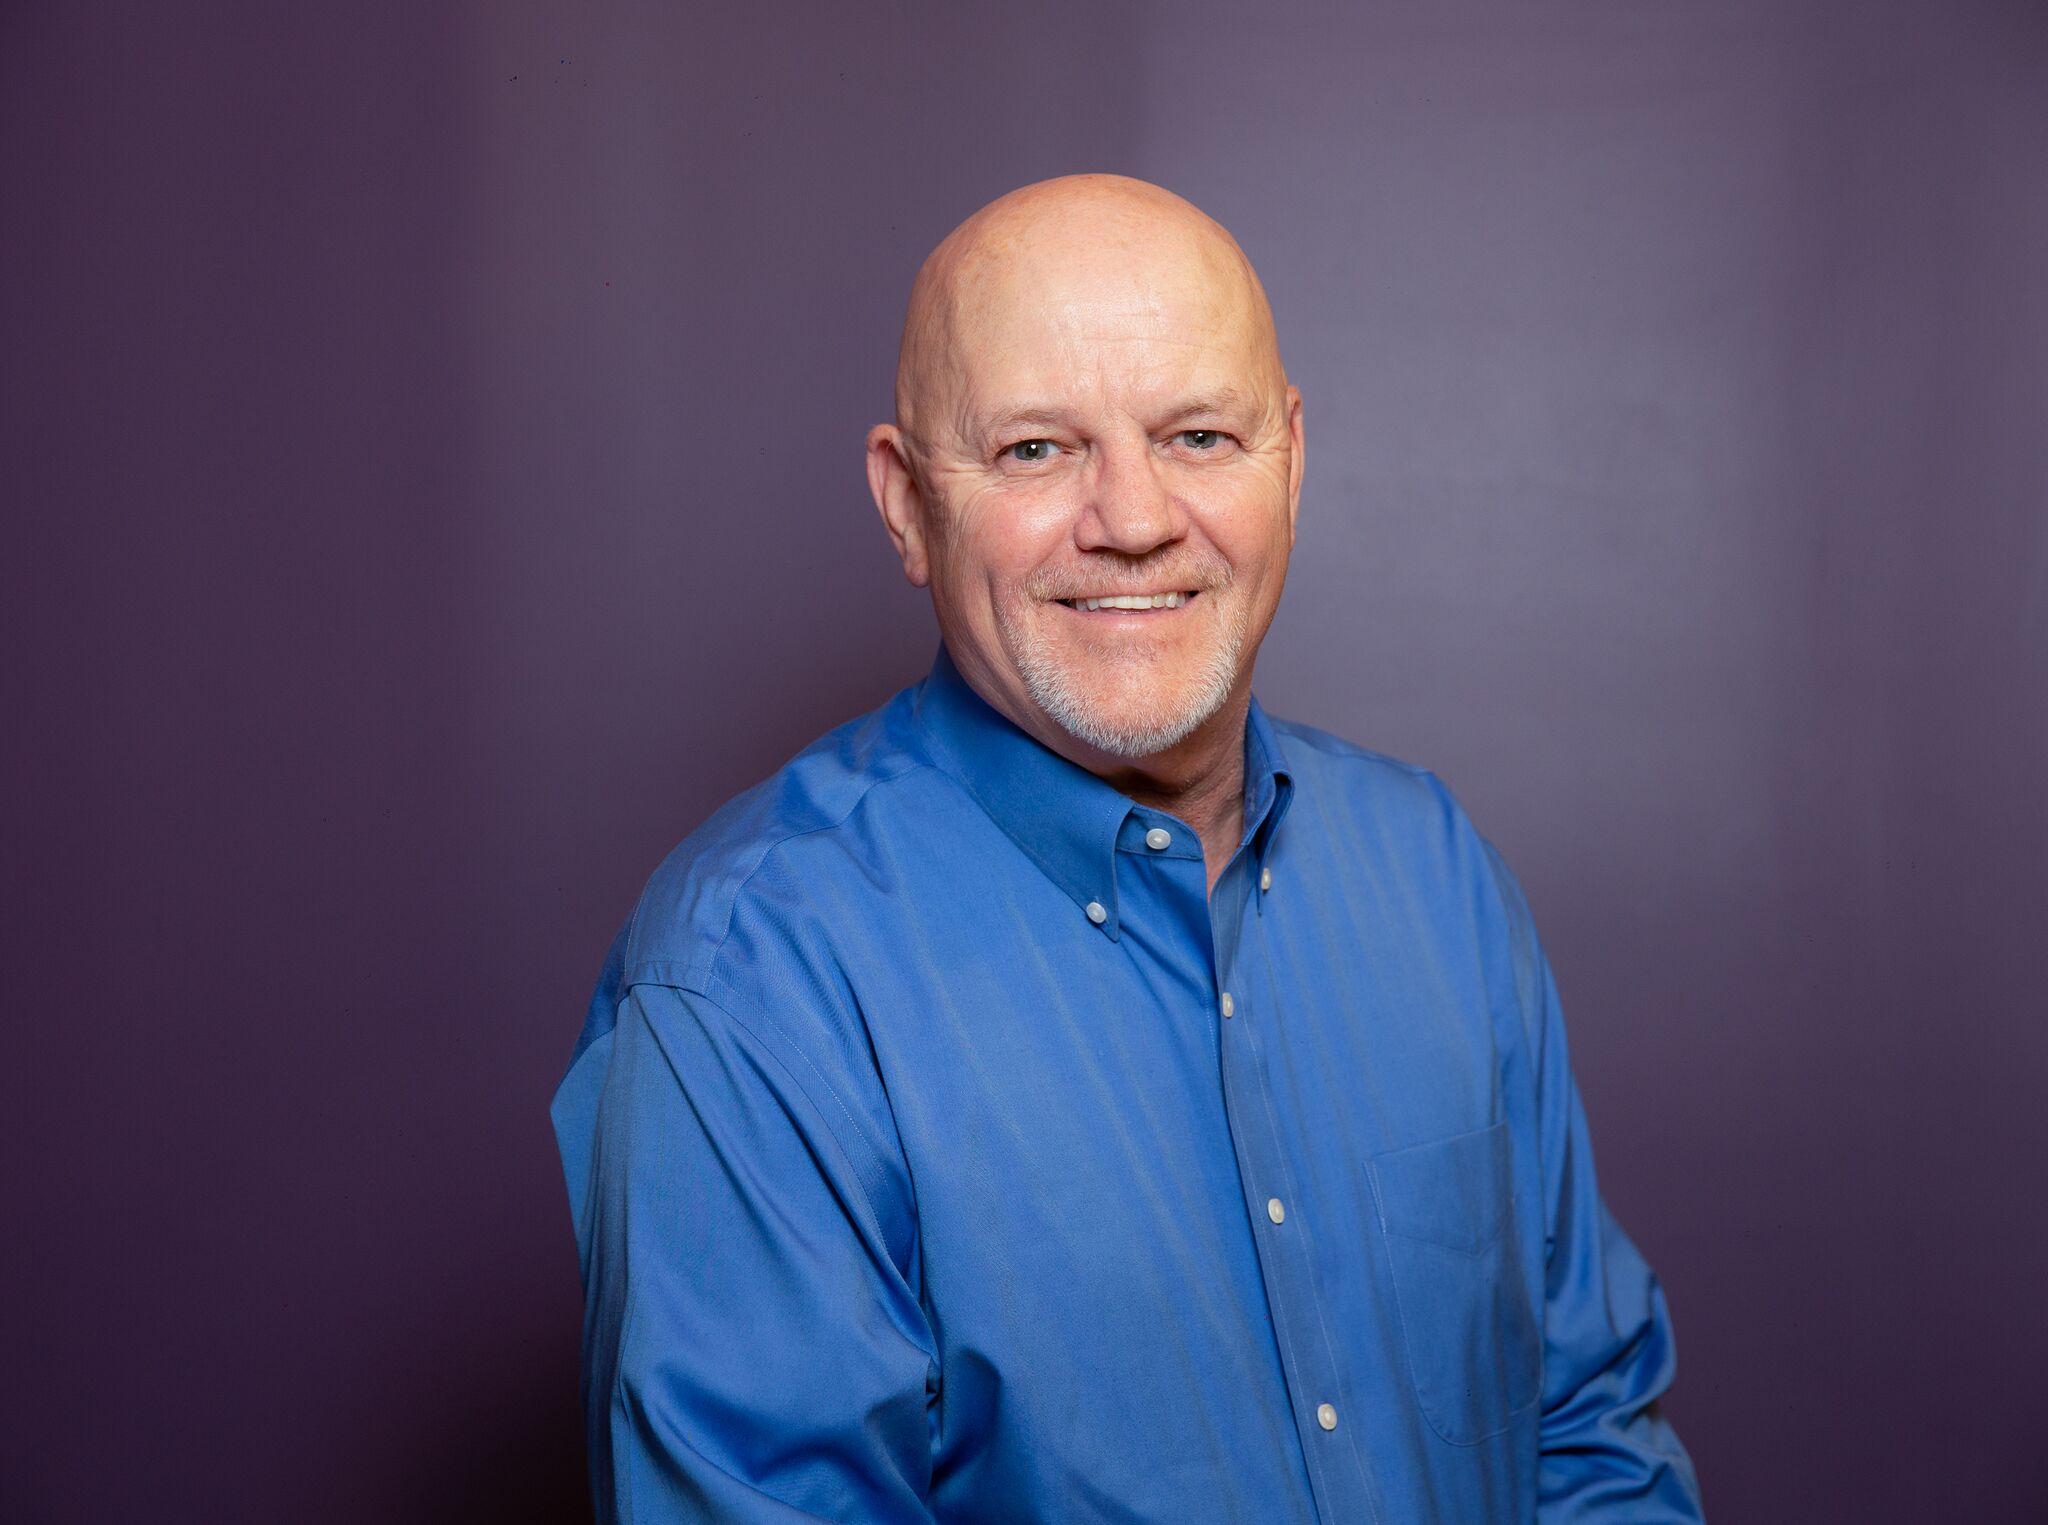 Robert J. Timlin